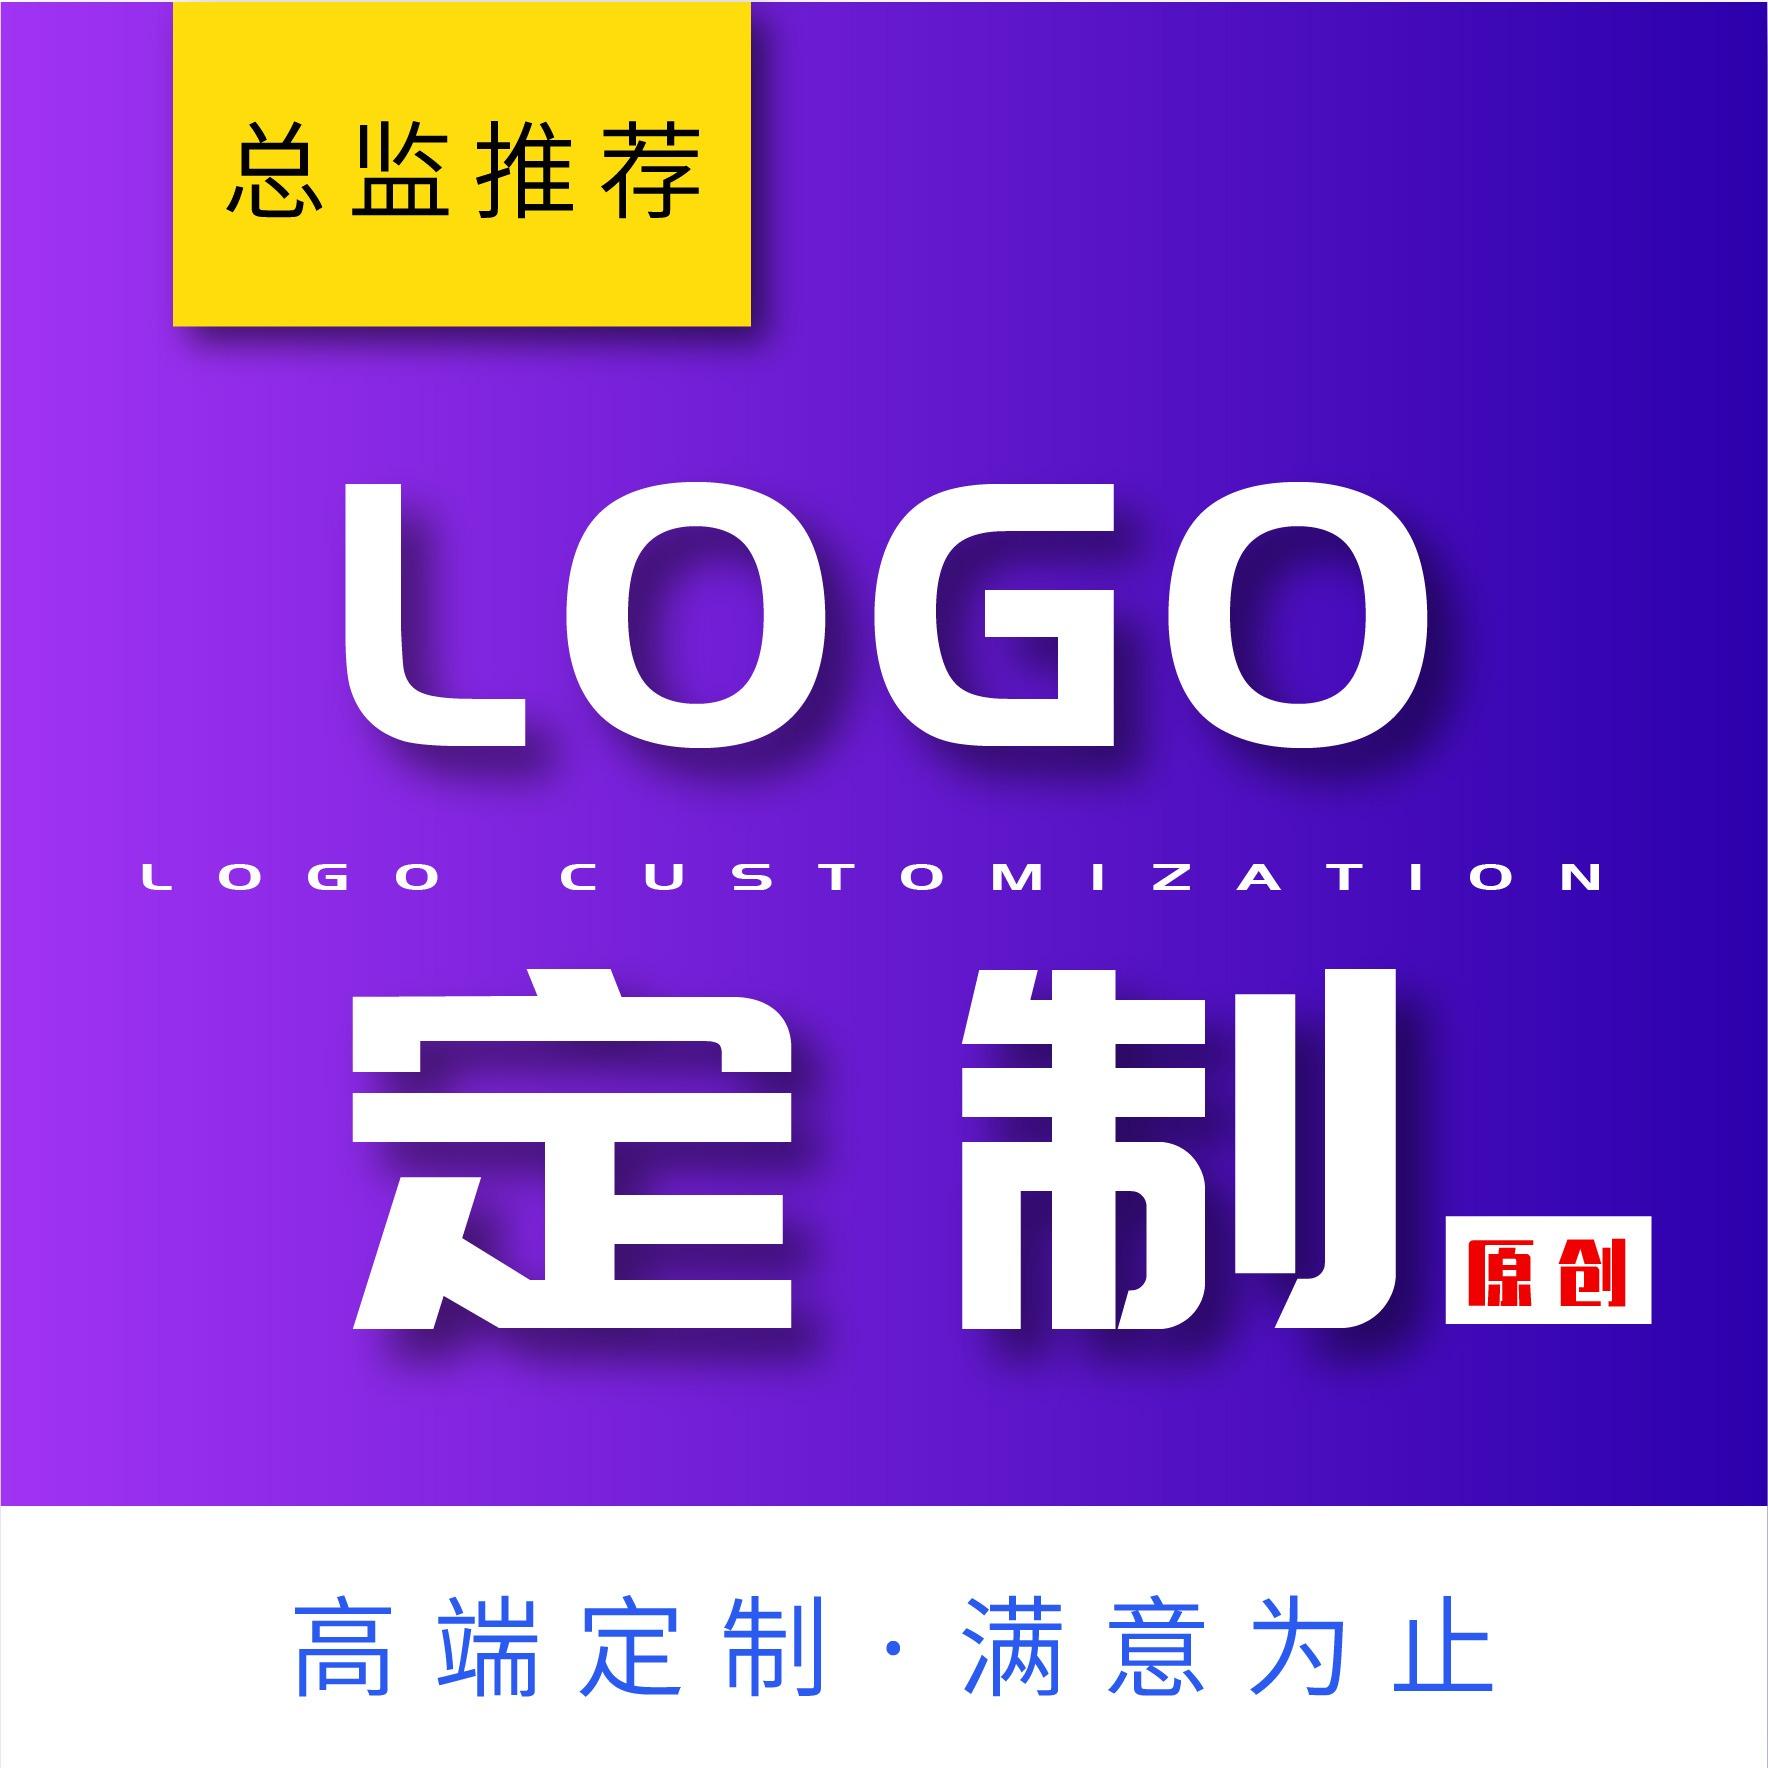 政府企业事业单位组织部门 logo 设计商会协会发布会 logo